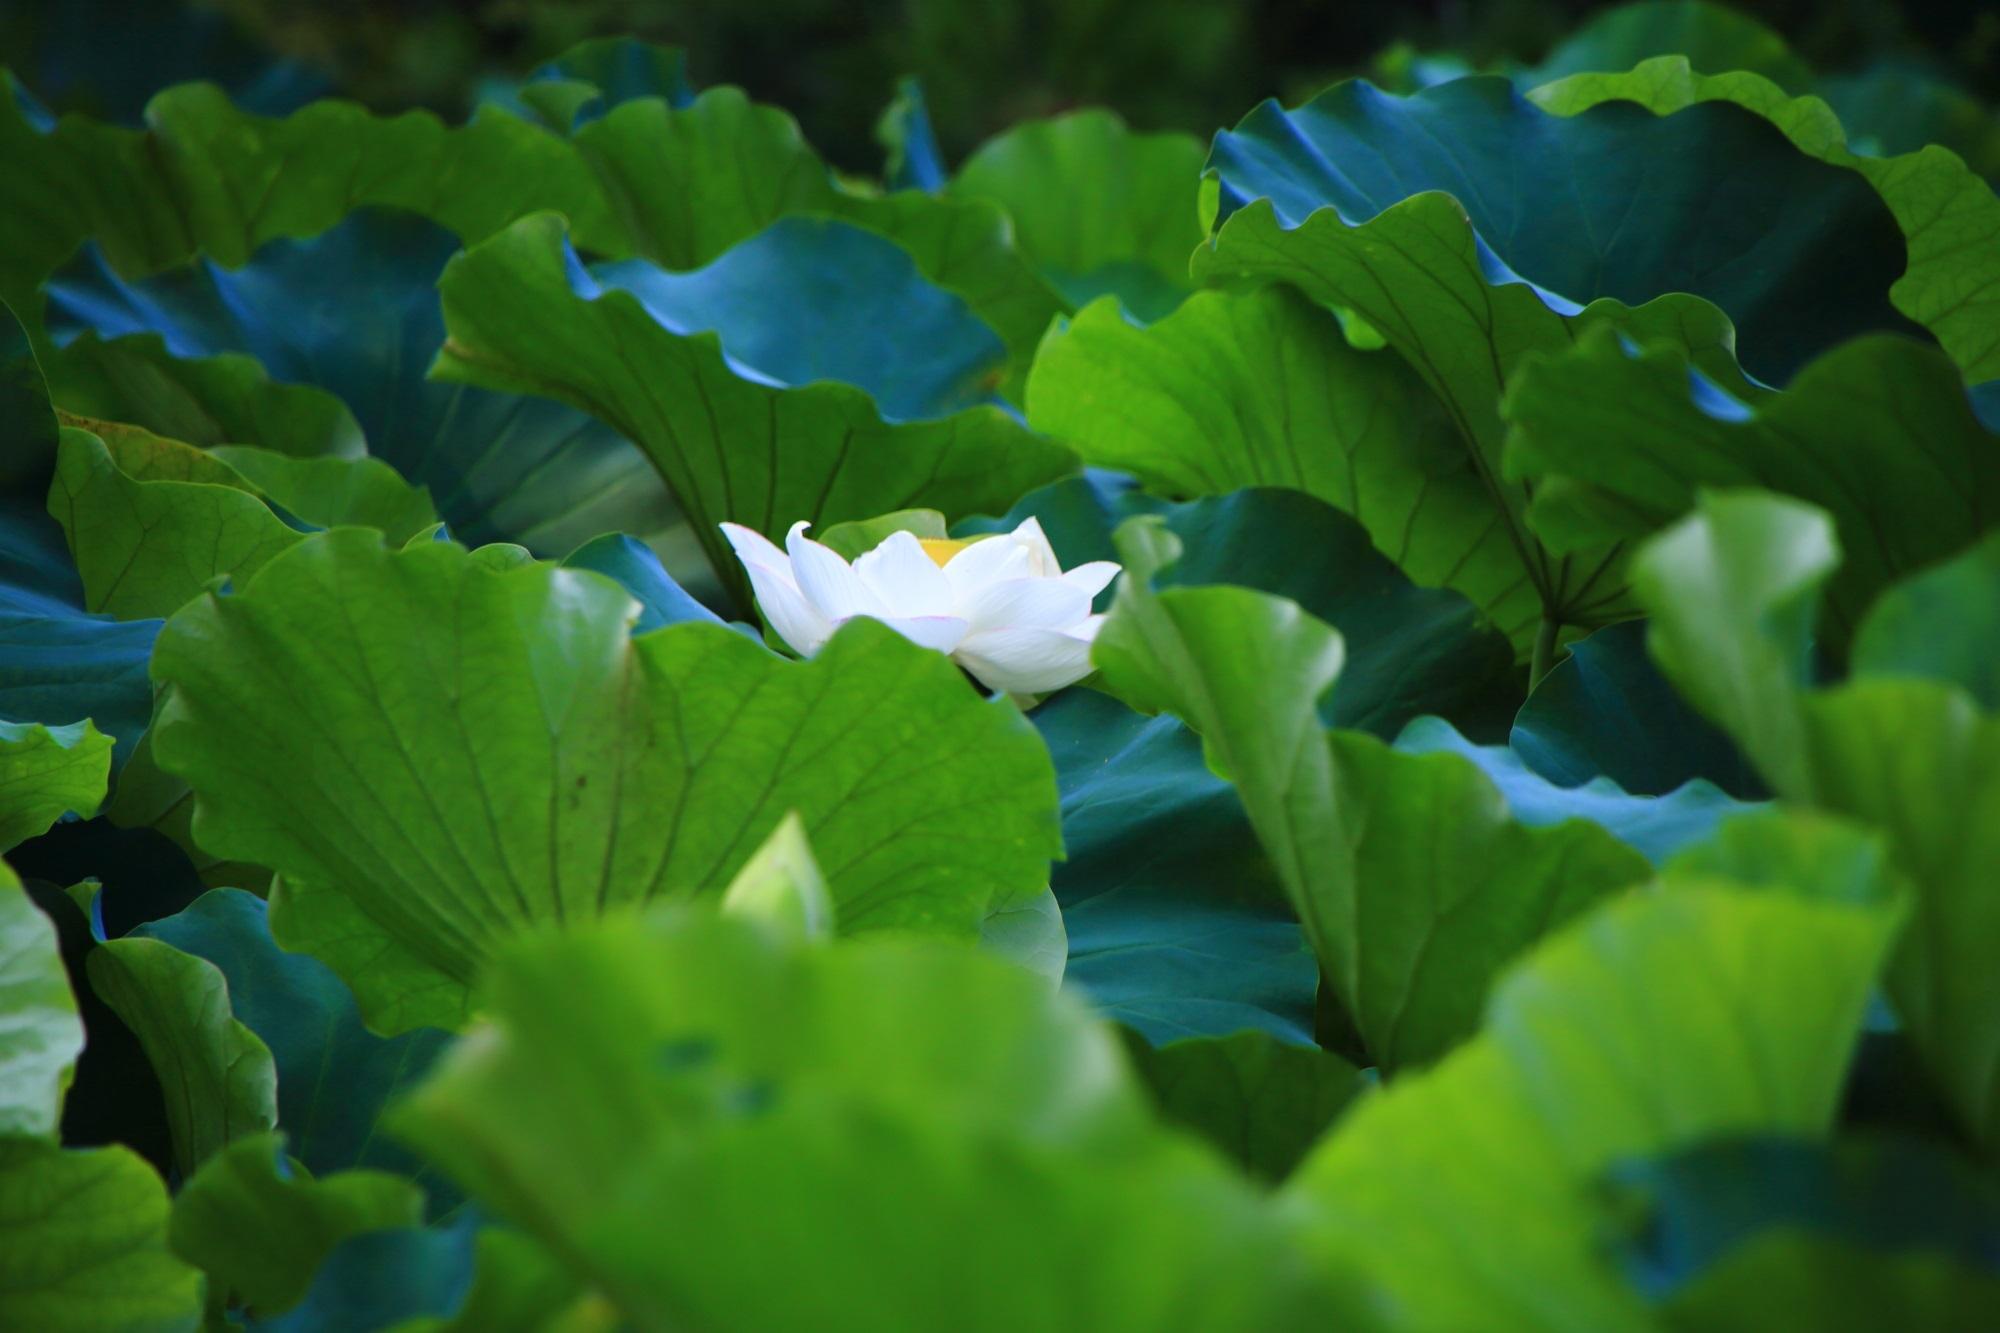 法金剛院の緑の葉の中でほのかに光るような白い蓮の花